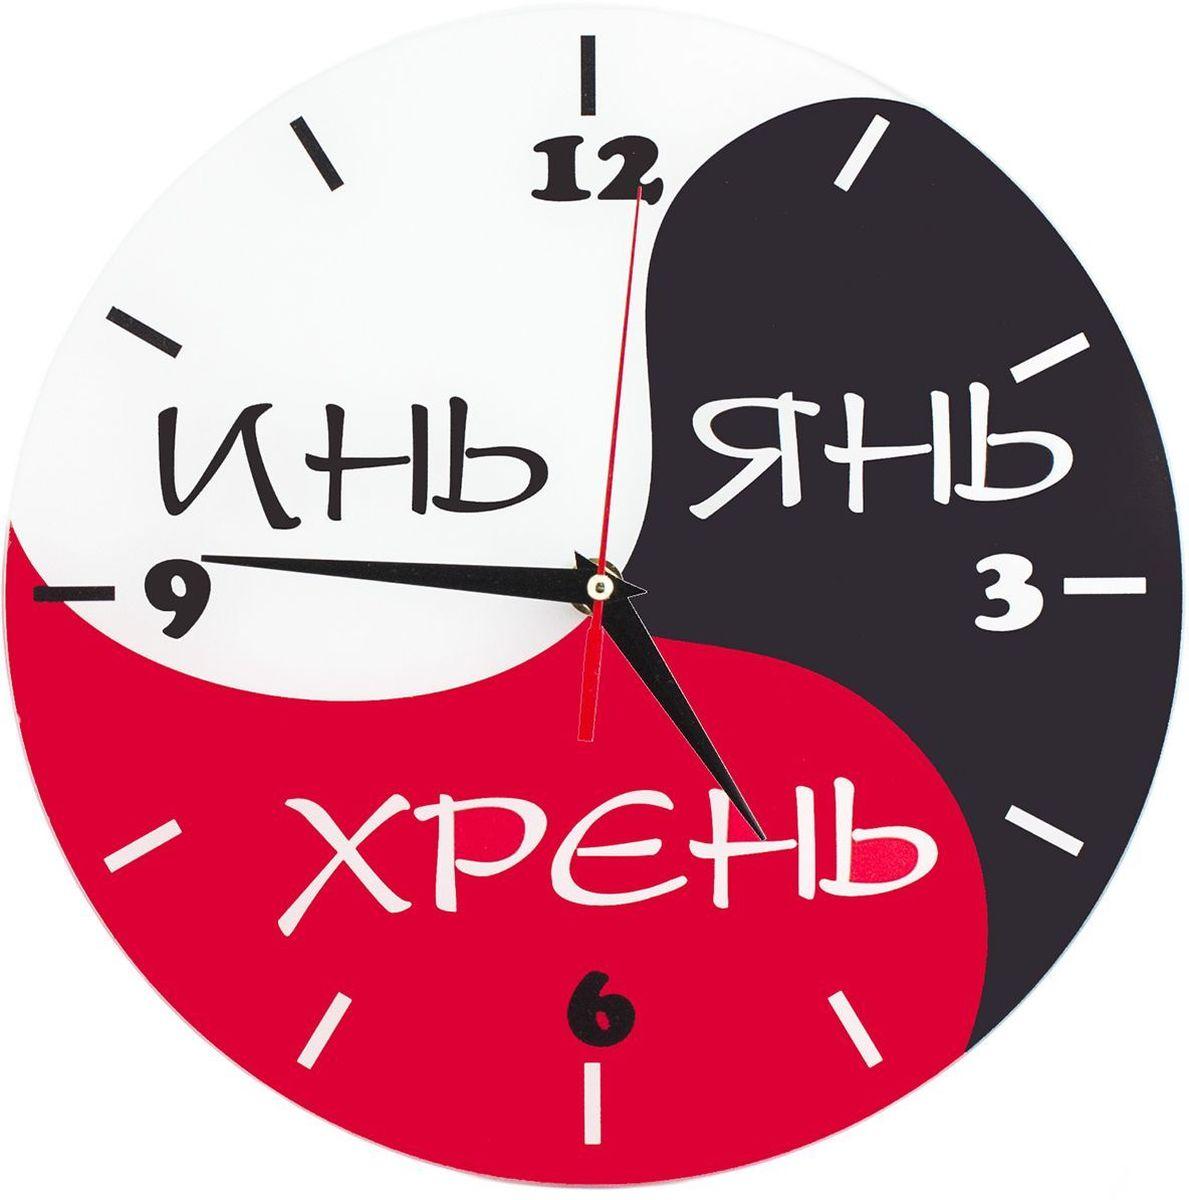 Часы настенный Эврика Инь Янь Хрень, 30 х 28 х 5 см97848Часы настольные Эврика Инь Янь Хрень изготовлены из стекла. Изделие имеет оригинальный циферблат с надписями: Инь Янь Хрень. Механизм хода часов бесшумный и плавный. Часы можно повесить на стену с помощью специального металлического отверстия. Такие яркие необычные часы станут украшением вашего рабочего стола и подчеркнут ваш стиль. Отличный подарок друзьям и близким, который обязательно вызовет улыбку и радость. Часы работают от одной батарейки напряжением 1,5V типа AA (в комплект не входит).